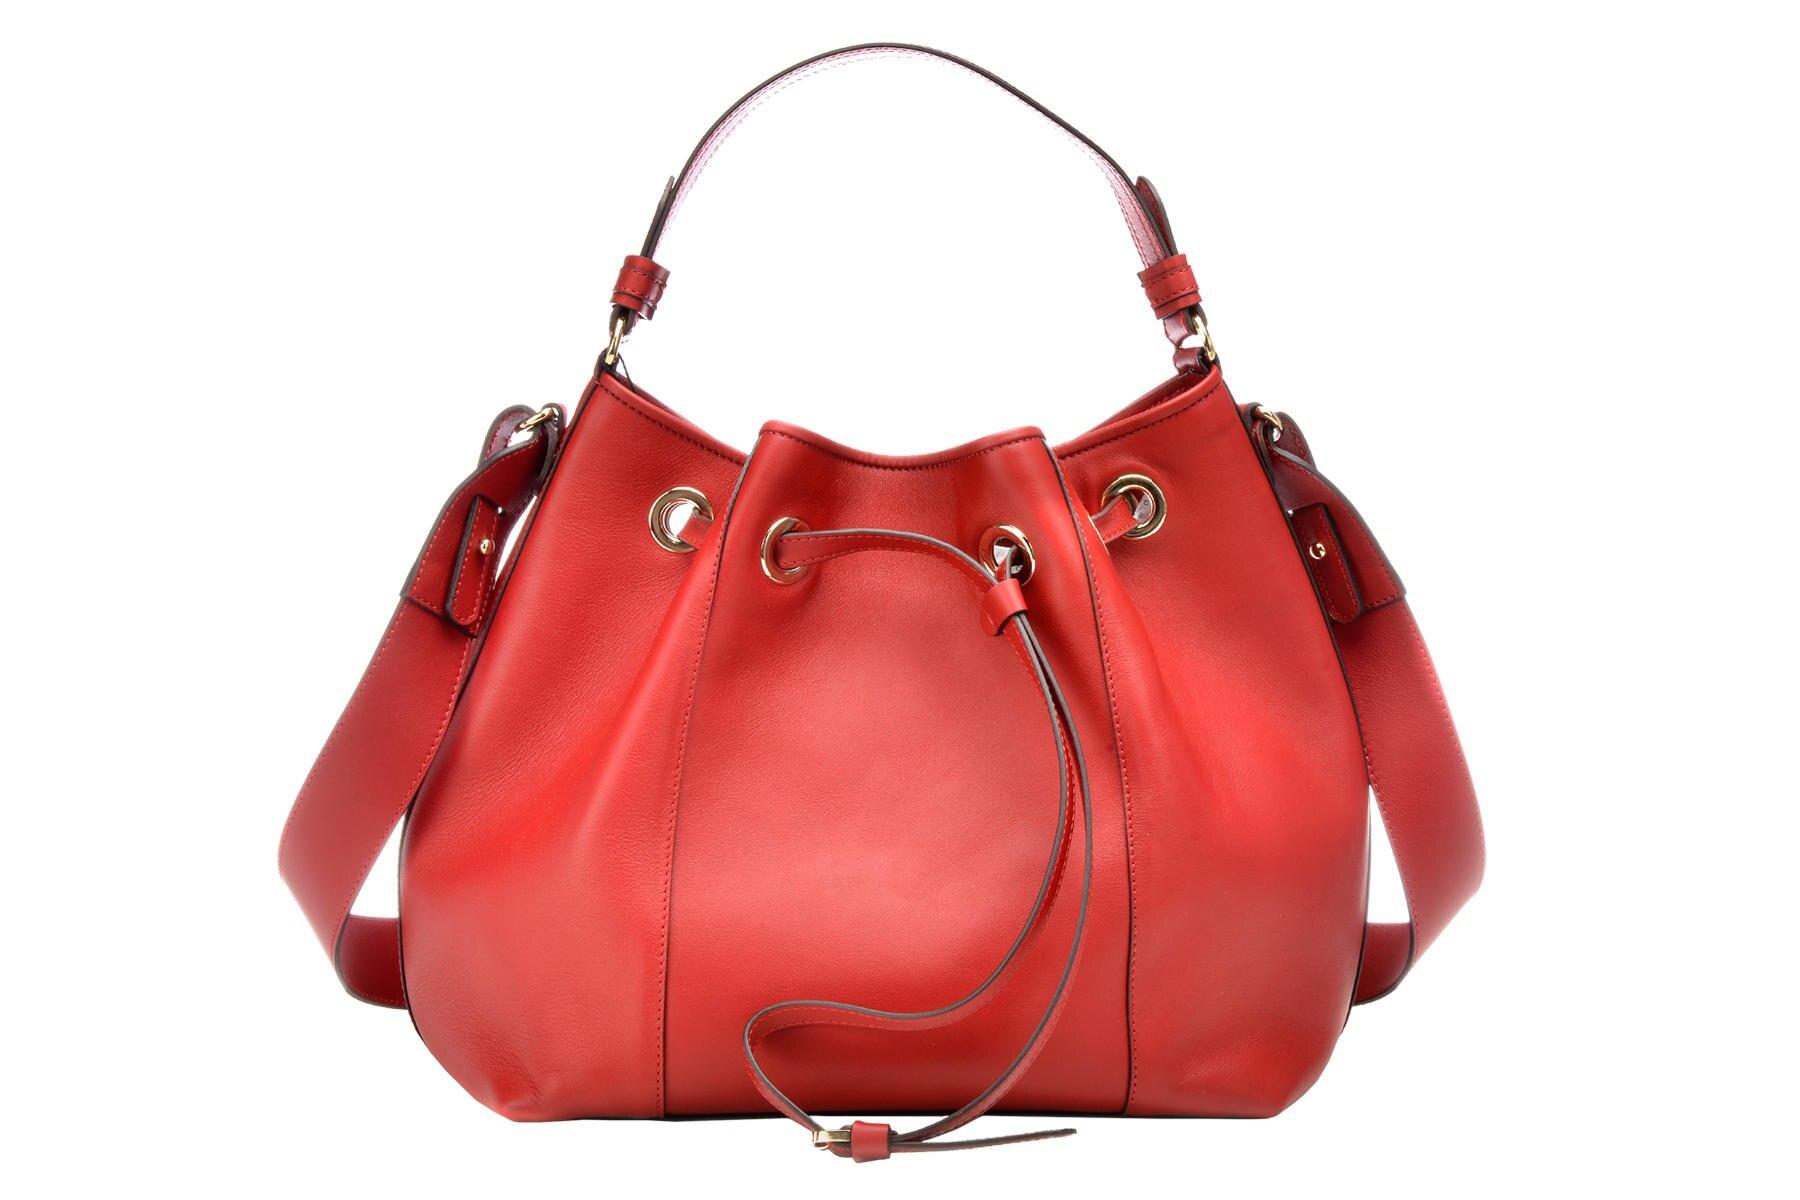 4c033a8faa0eb Taschen 2016  Das sind die neuen It-Bags - S. 2